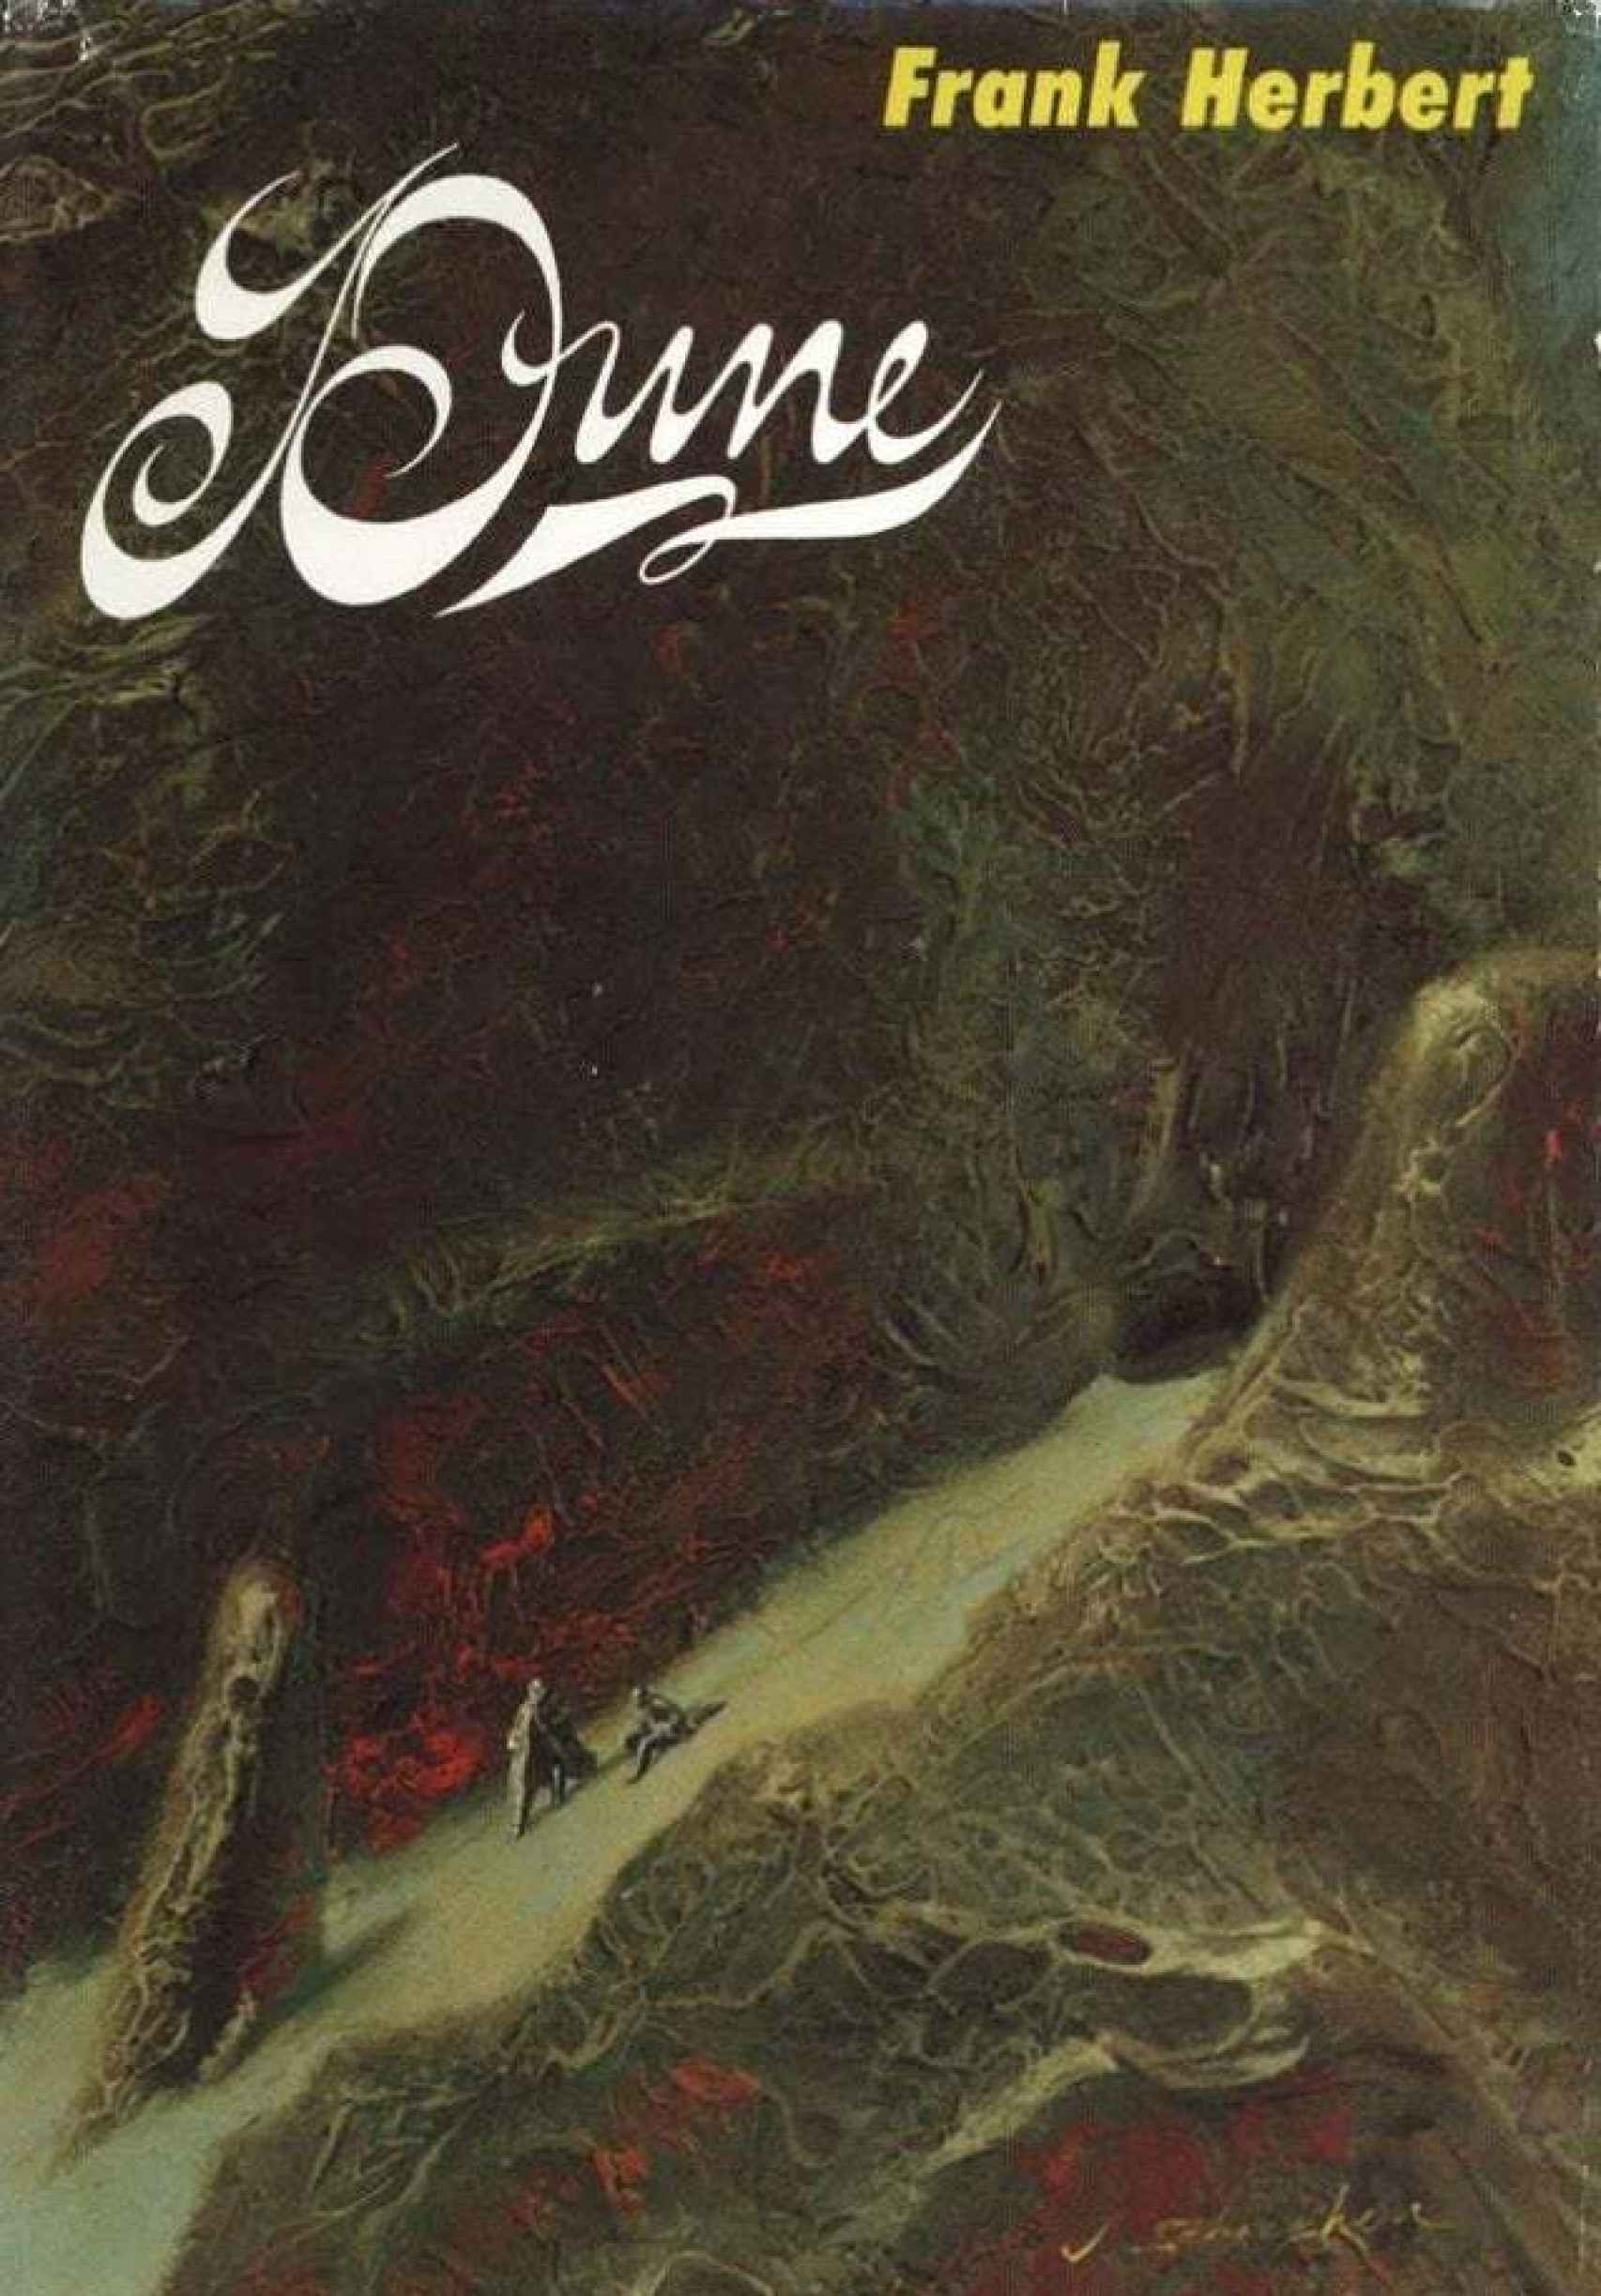 Portada de la primera edición de 'Dune'.